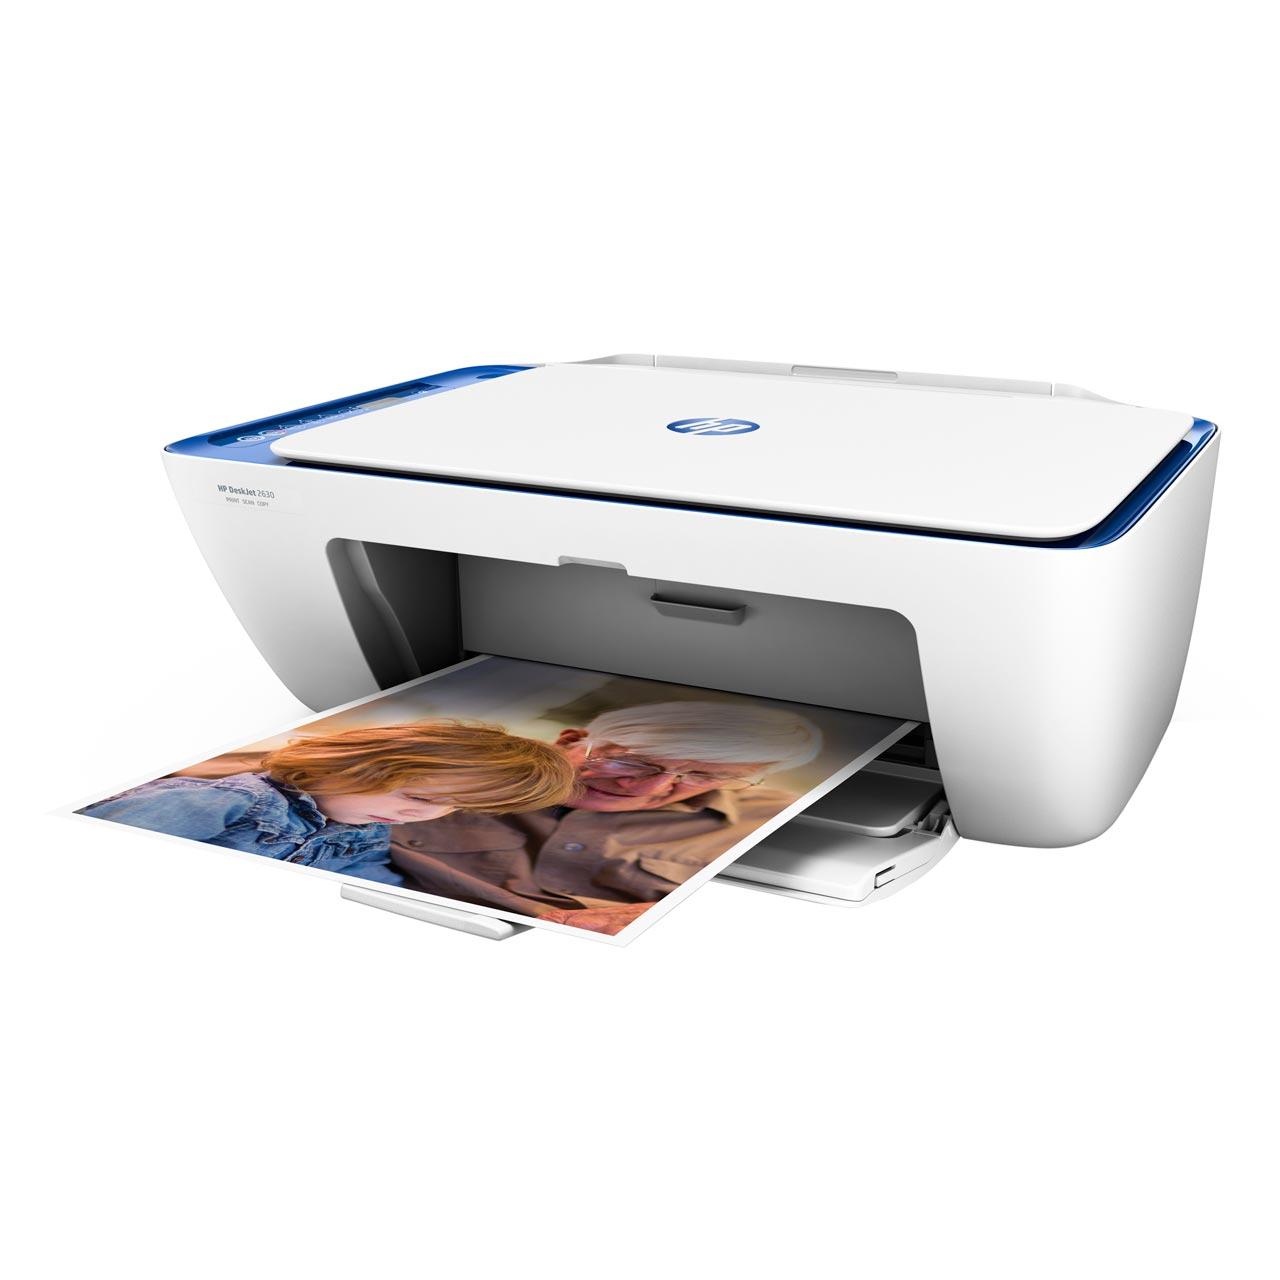 HP DeskJet 2630 Inkjet Printer - Noble Blue